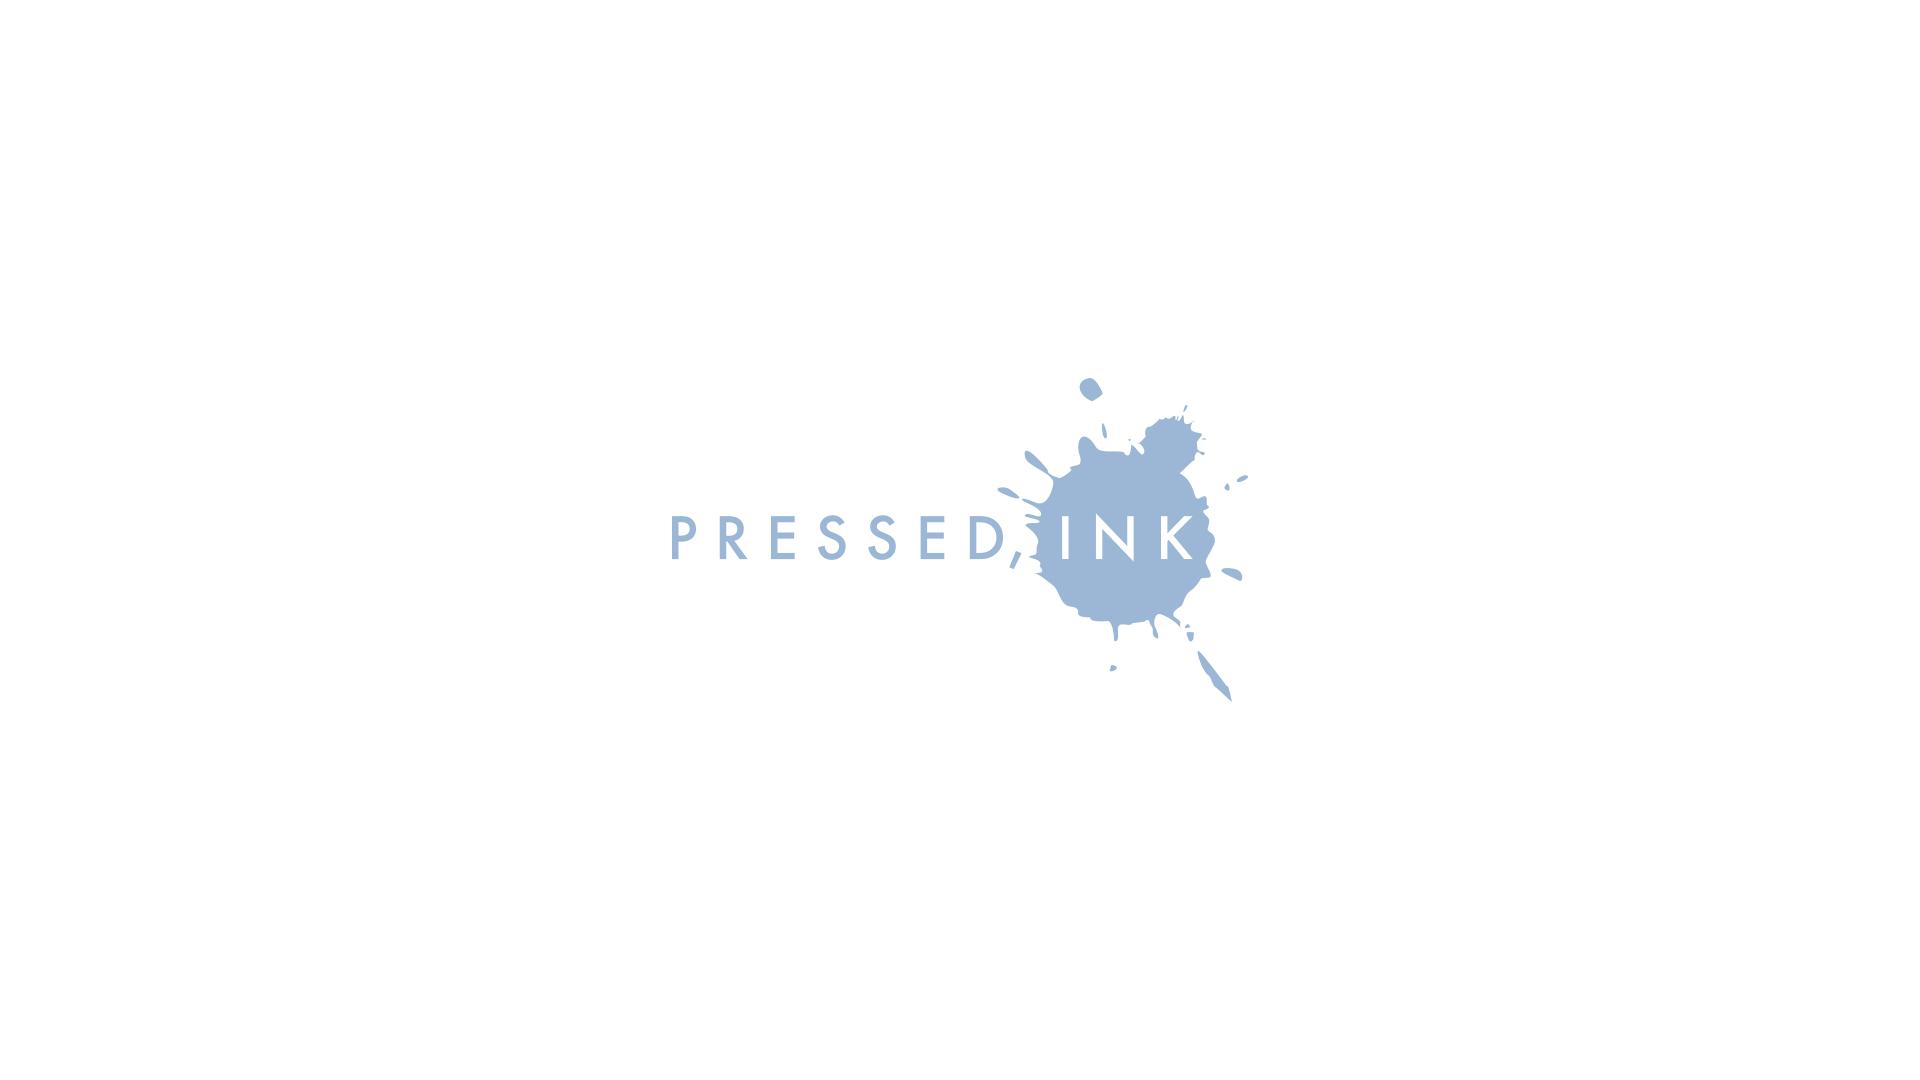 id-pressedink